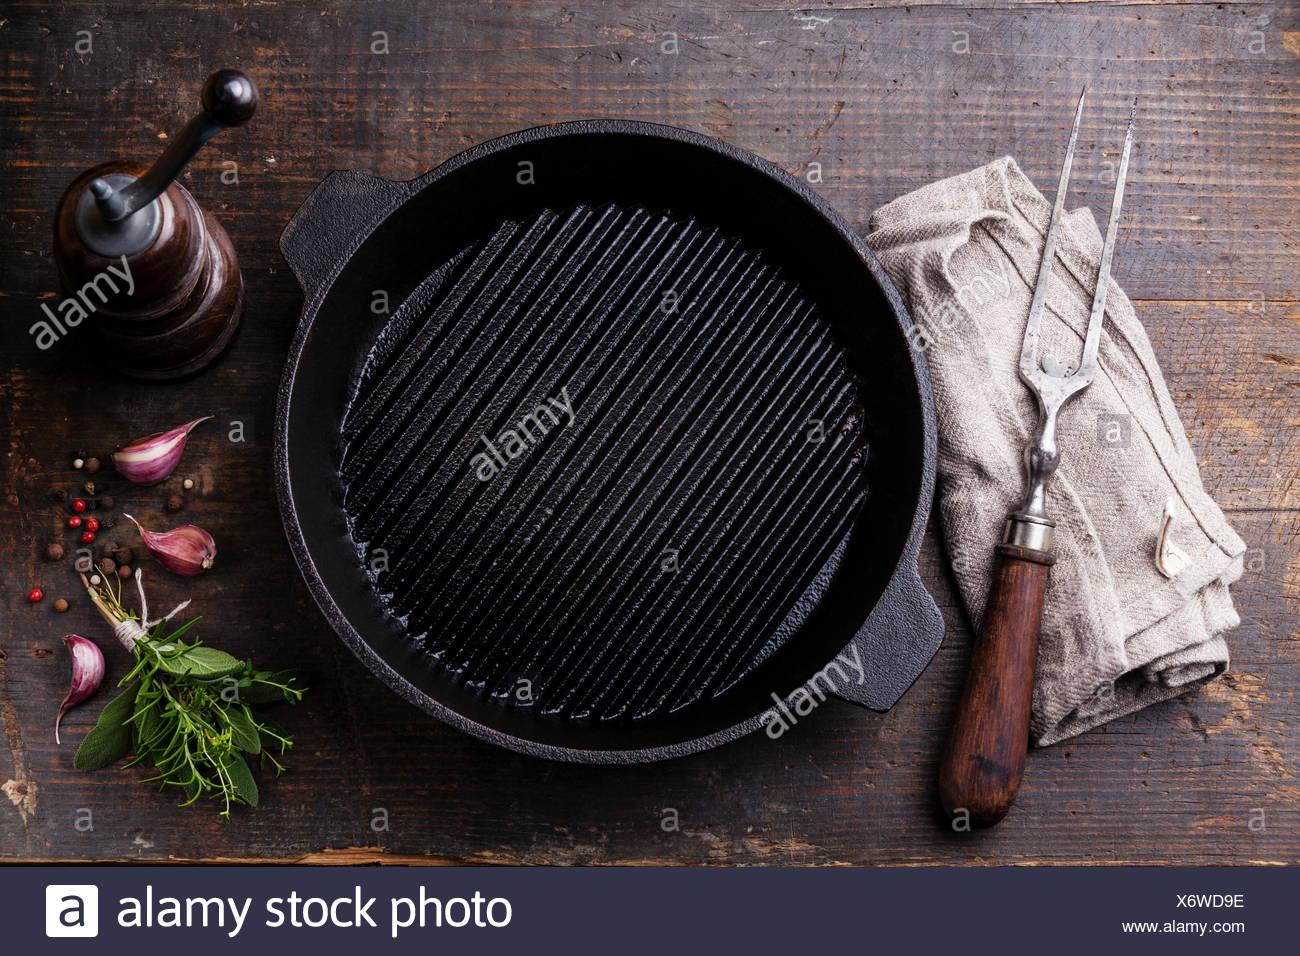 Vide Fer noir gril et fourchette à viande sur fond de texture en bois Photo Stock